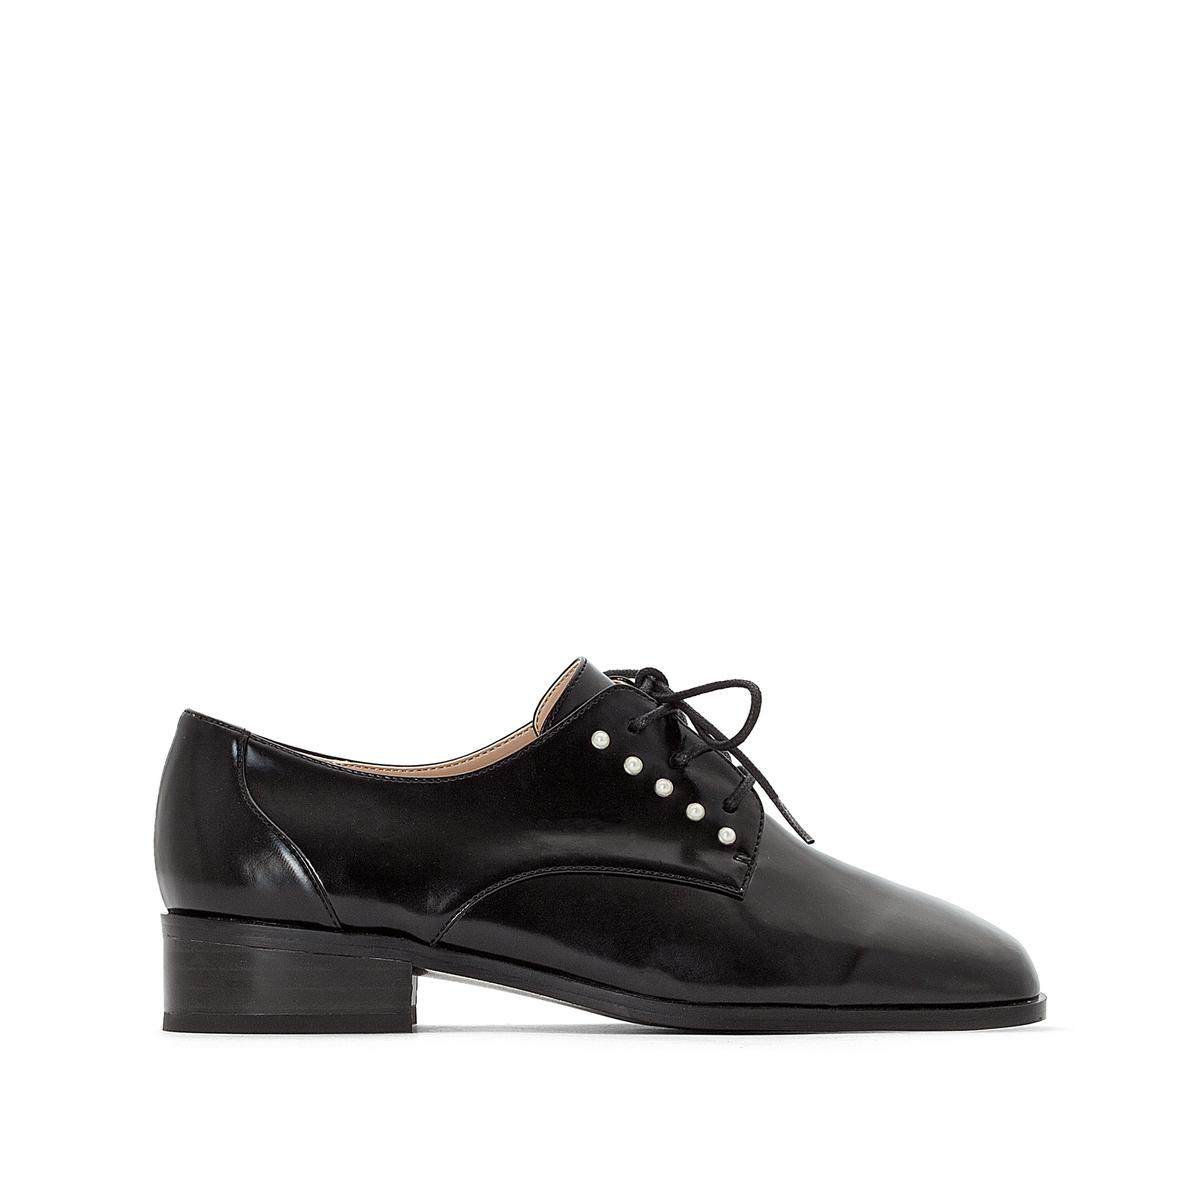 Ботинки-дерби со вставкой с бисером